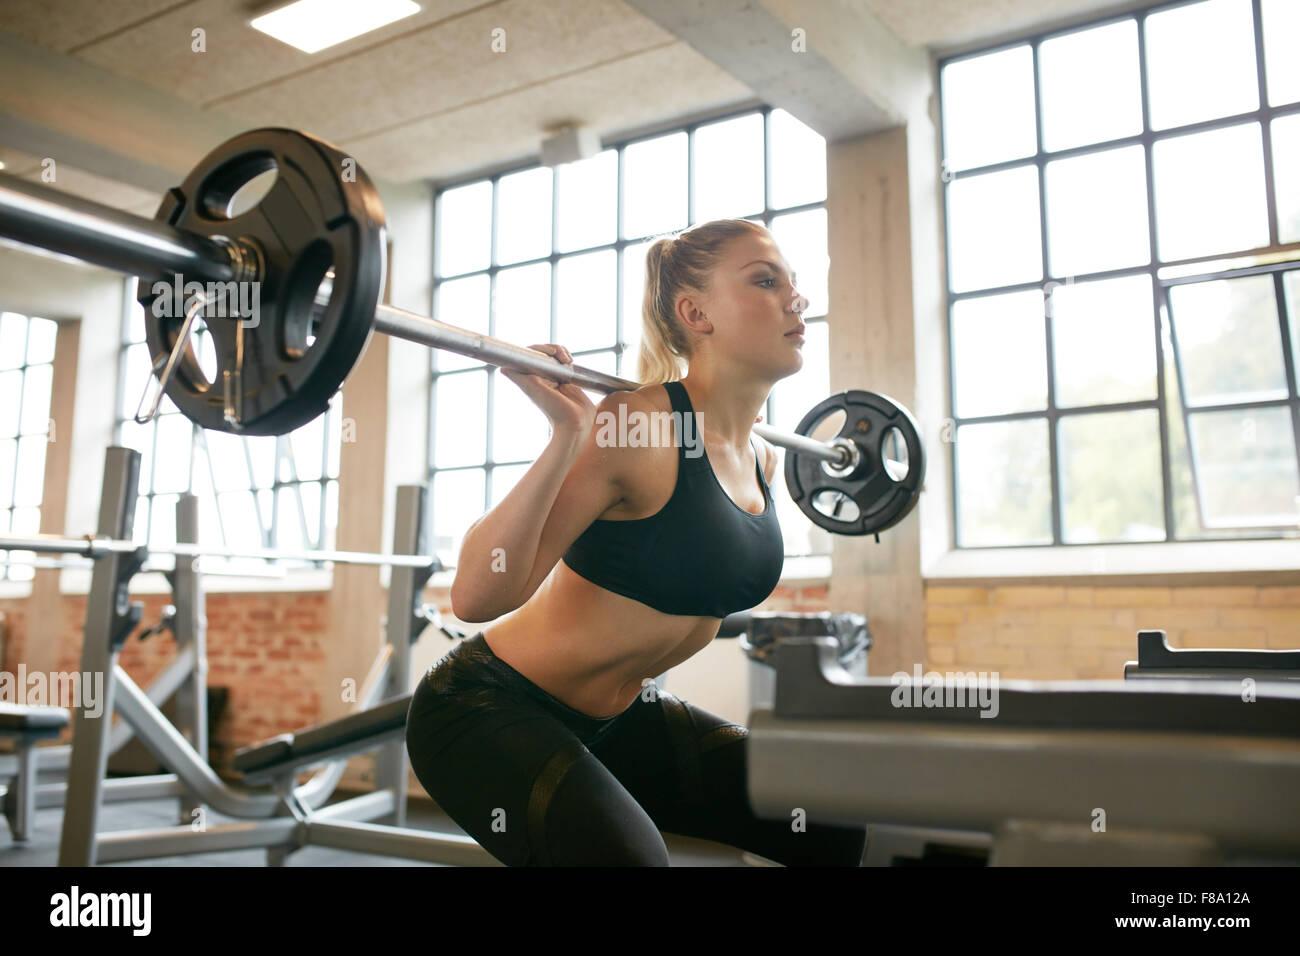 L'exercice de sport féminin en faisant des squats avec poids supplémentaire sur les épaules. Photo Stock